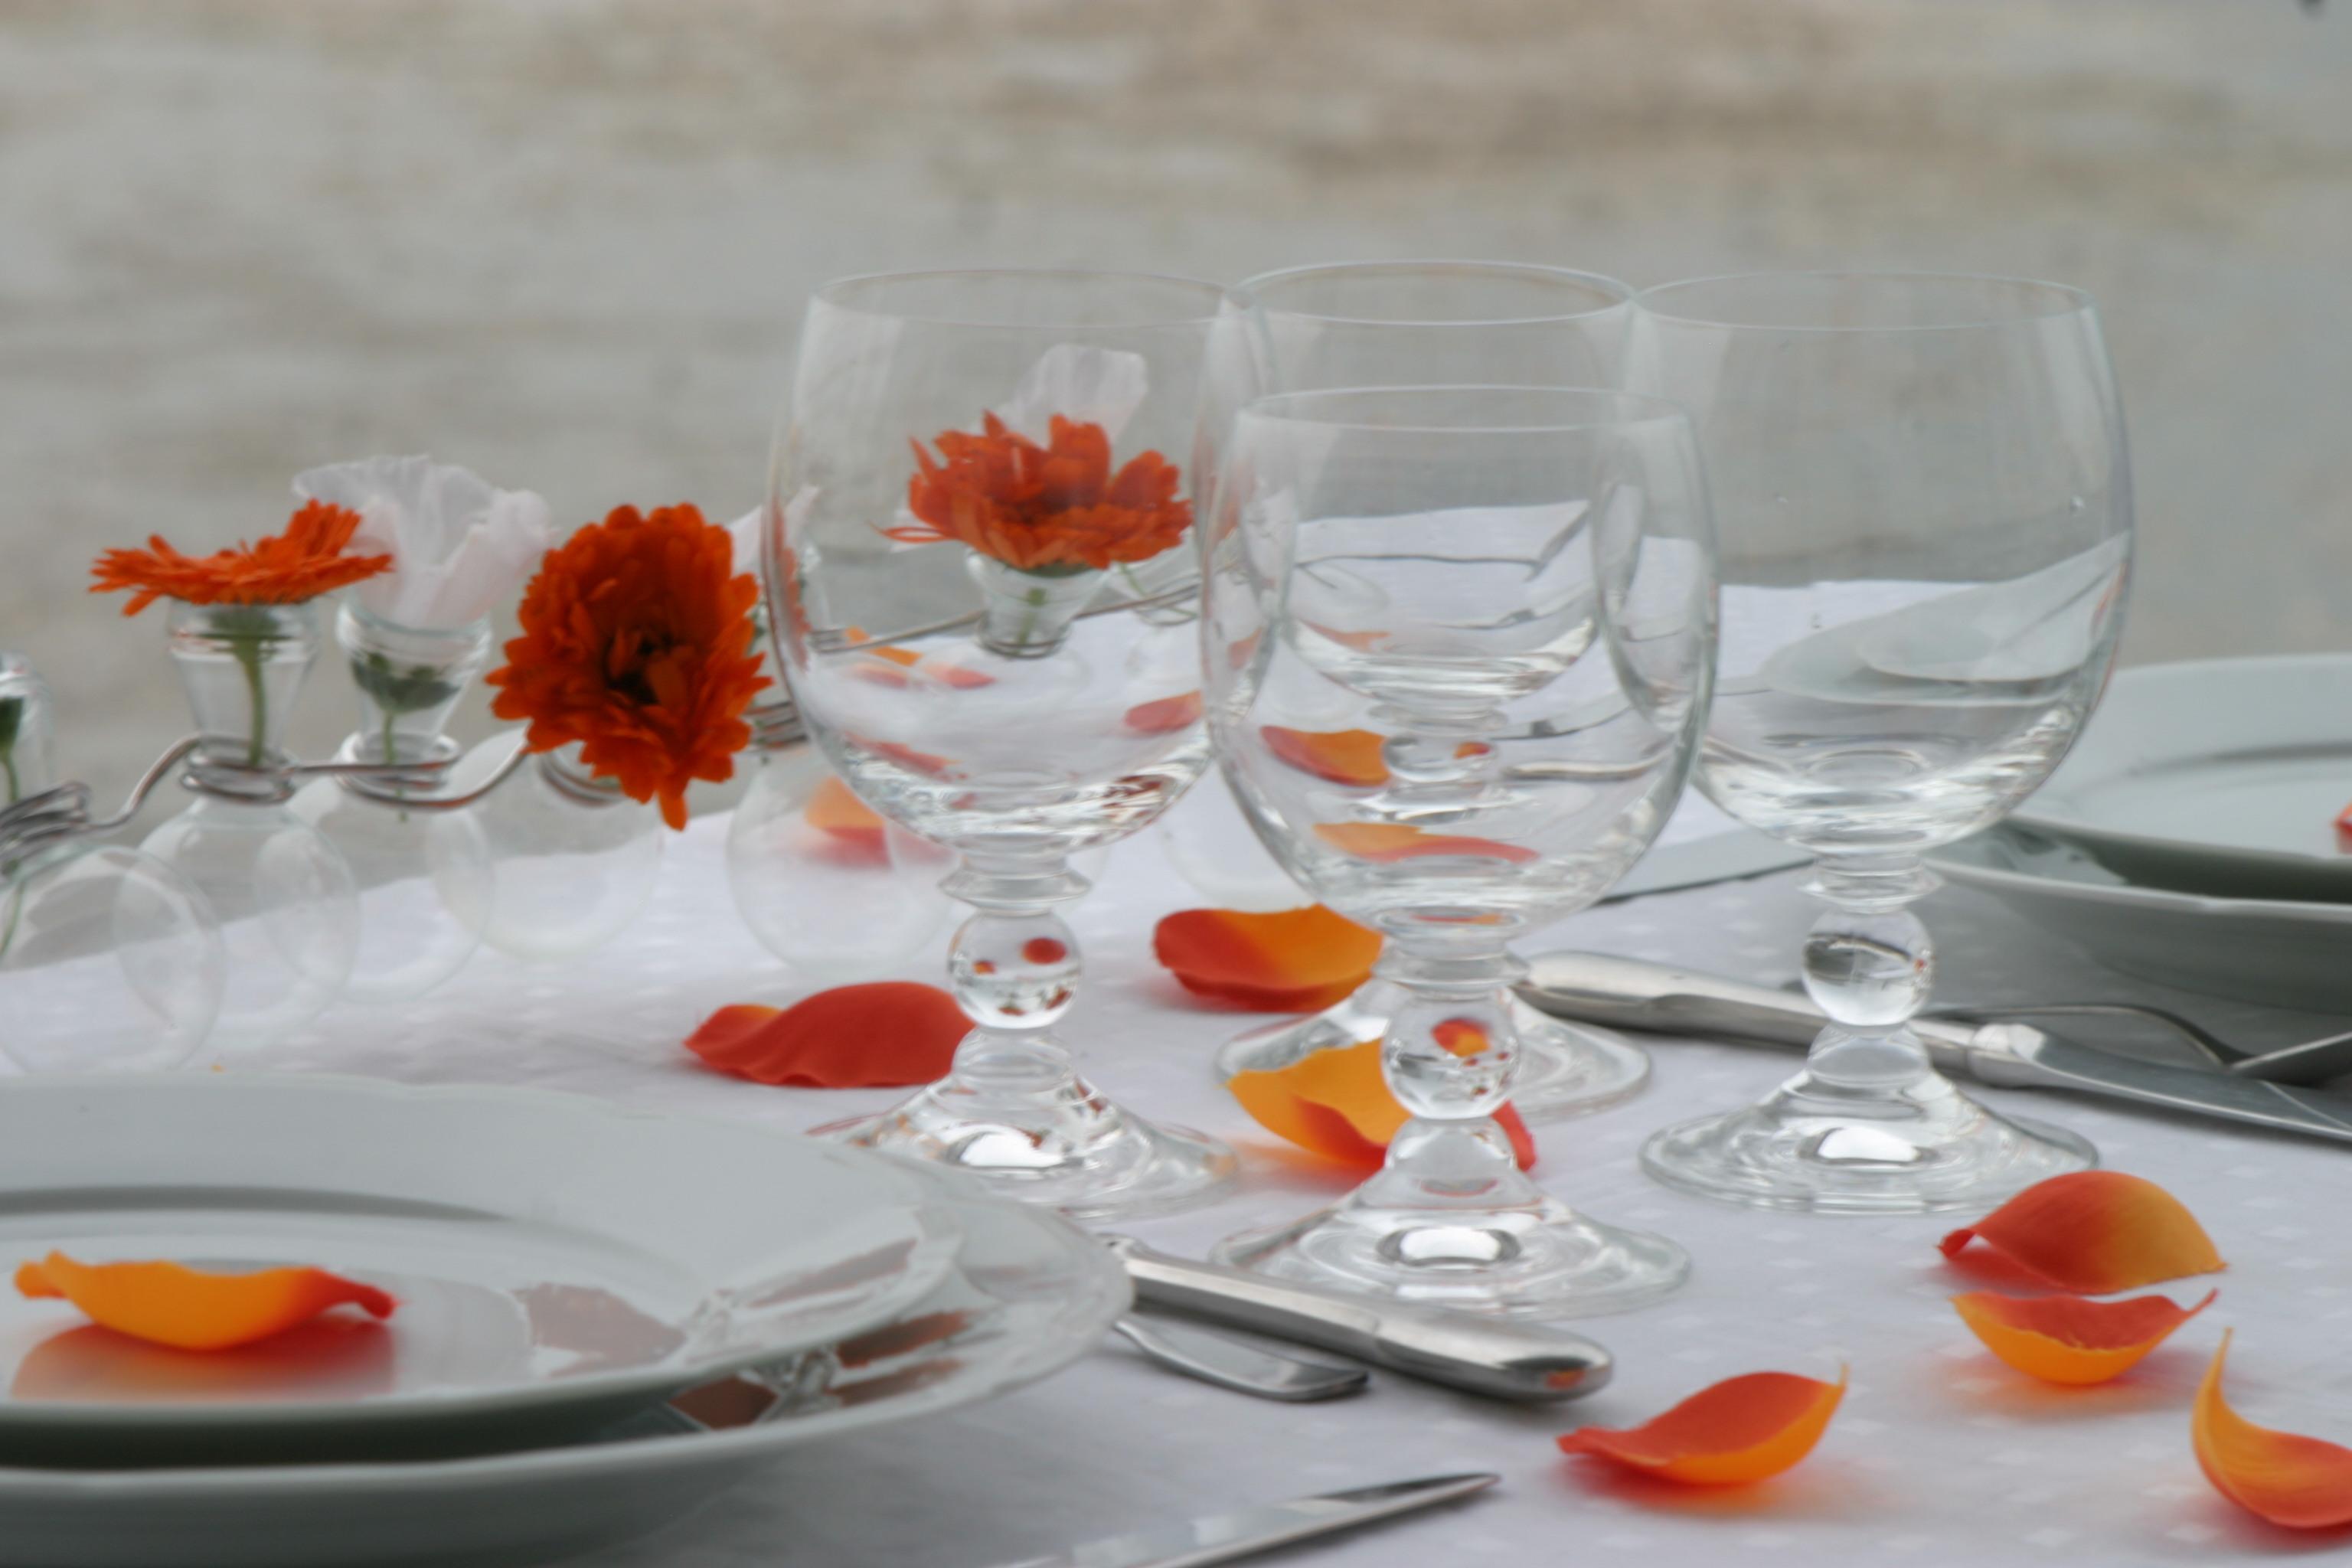 ... de réceptions le jour de votre mariage selon votre budget et vos